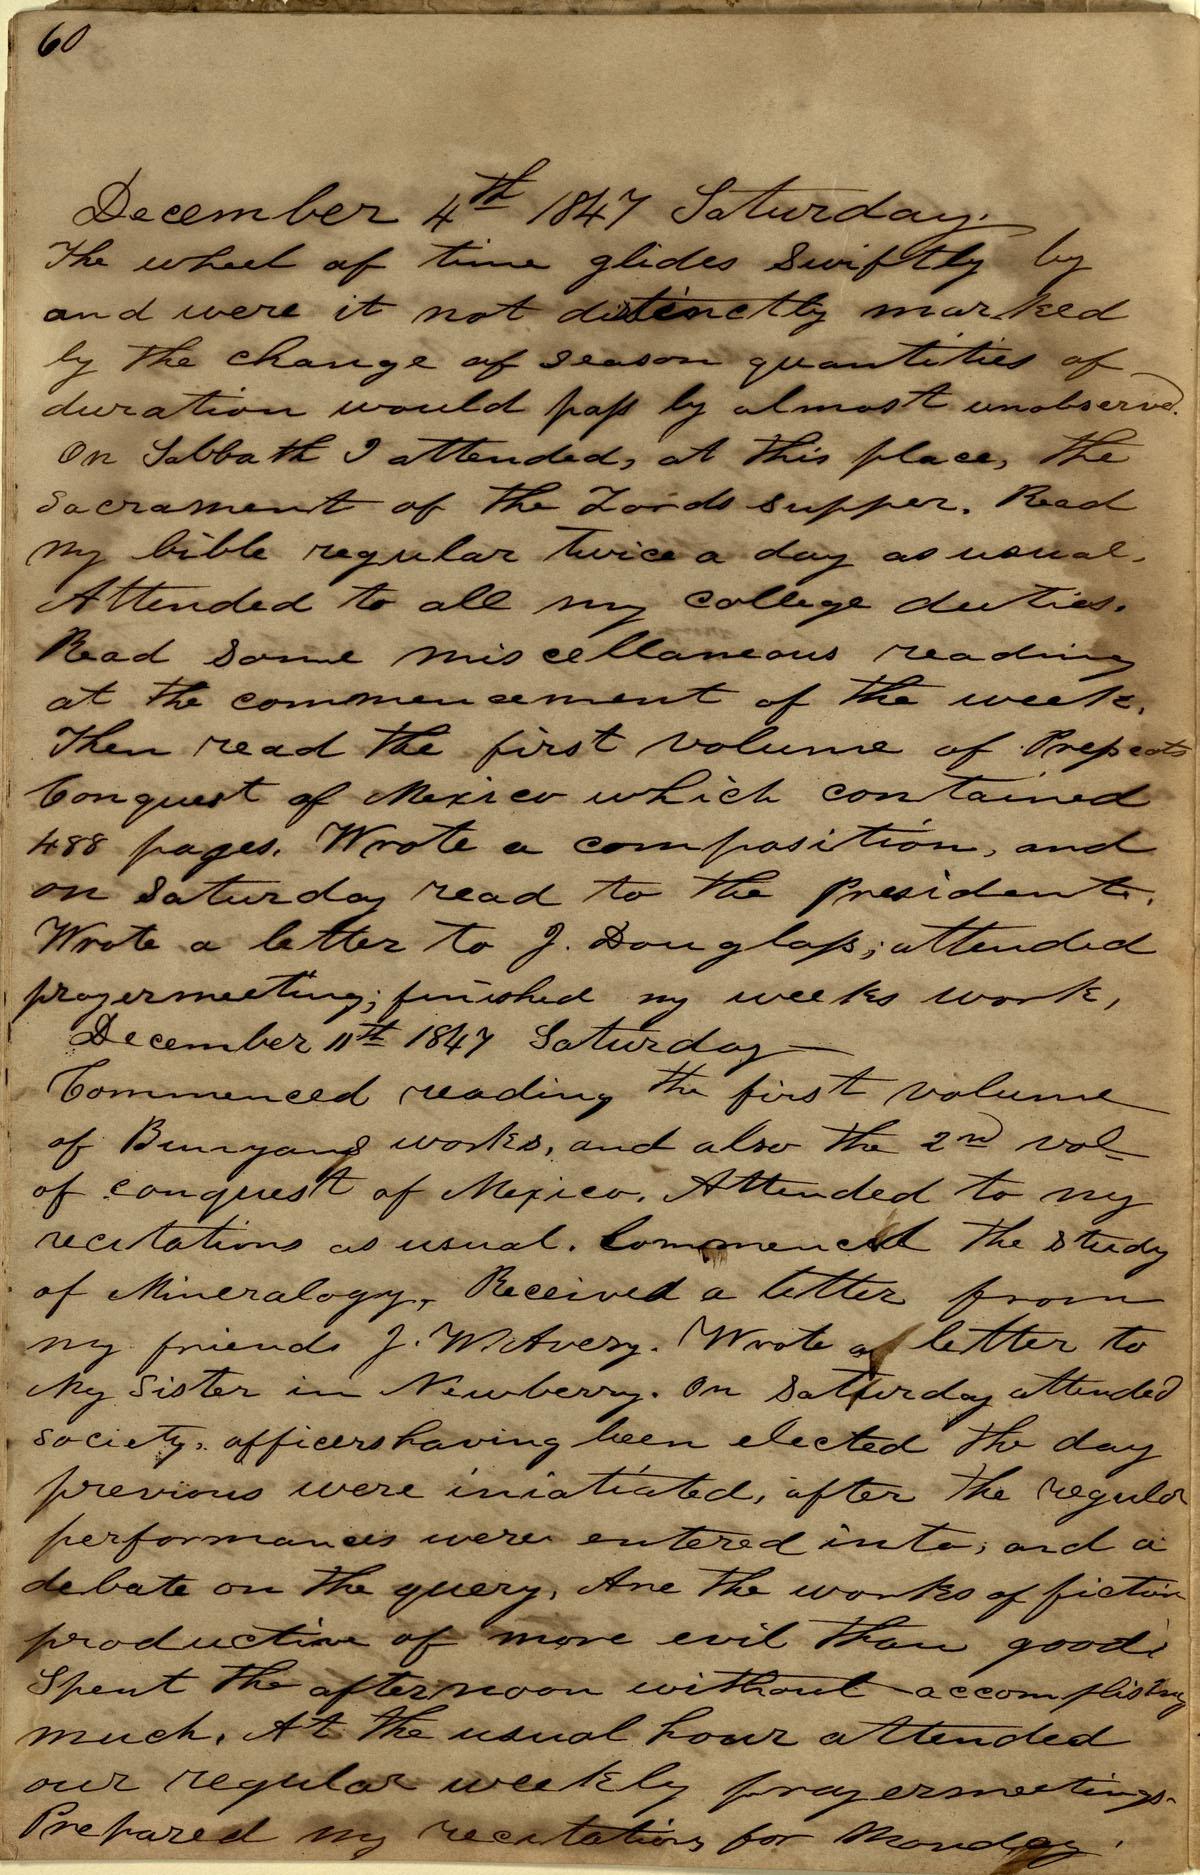 James Diary p.28